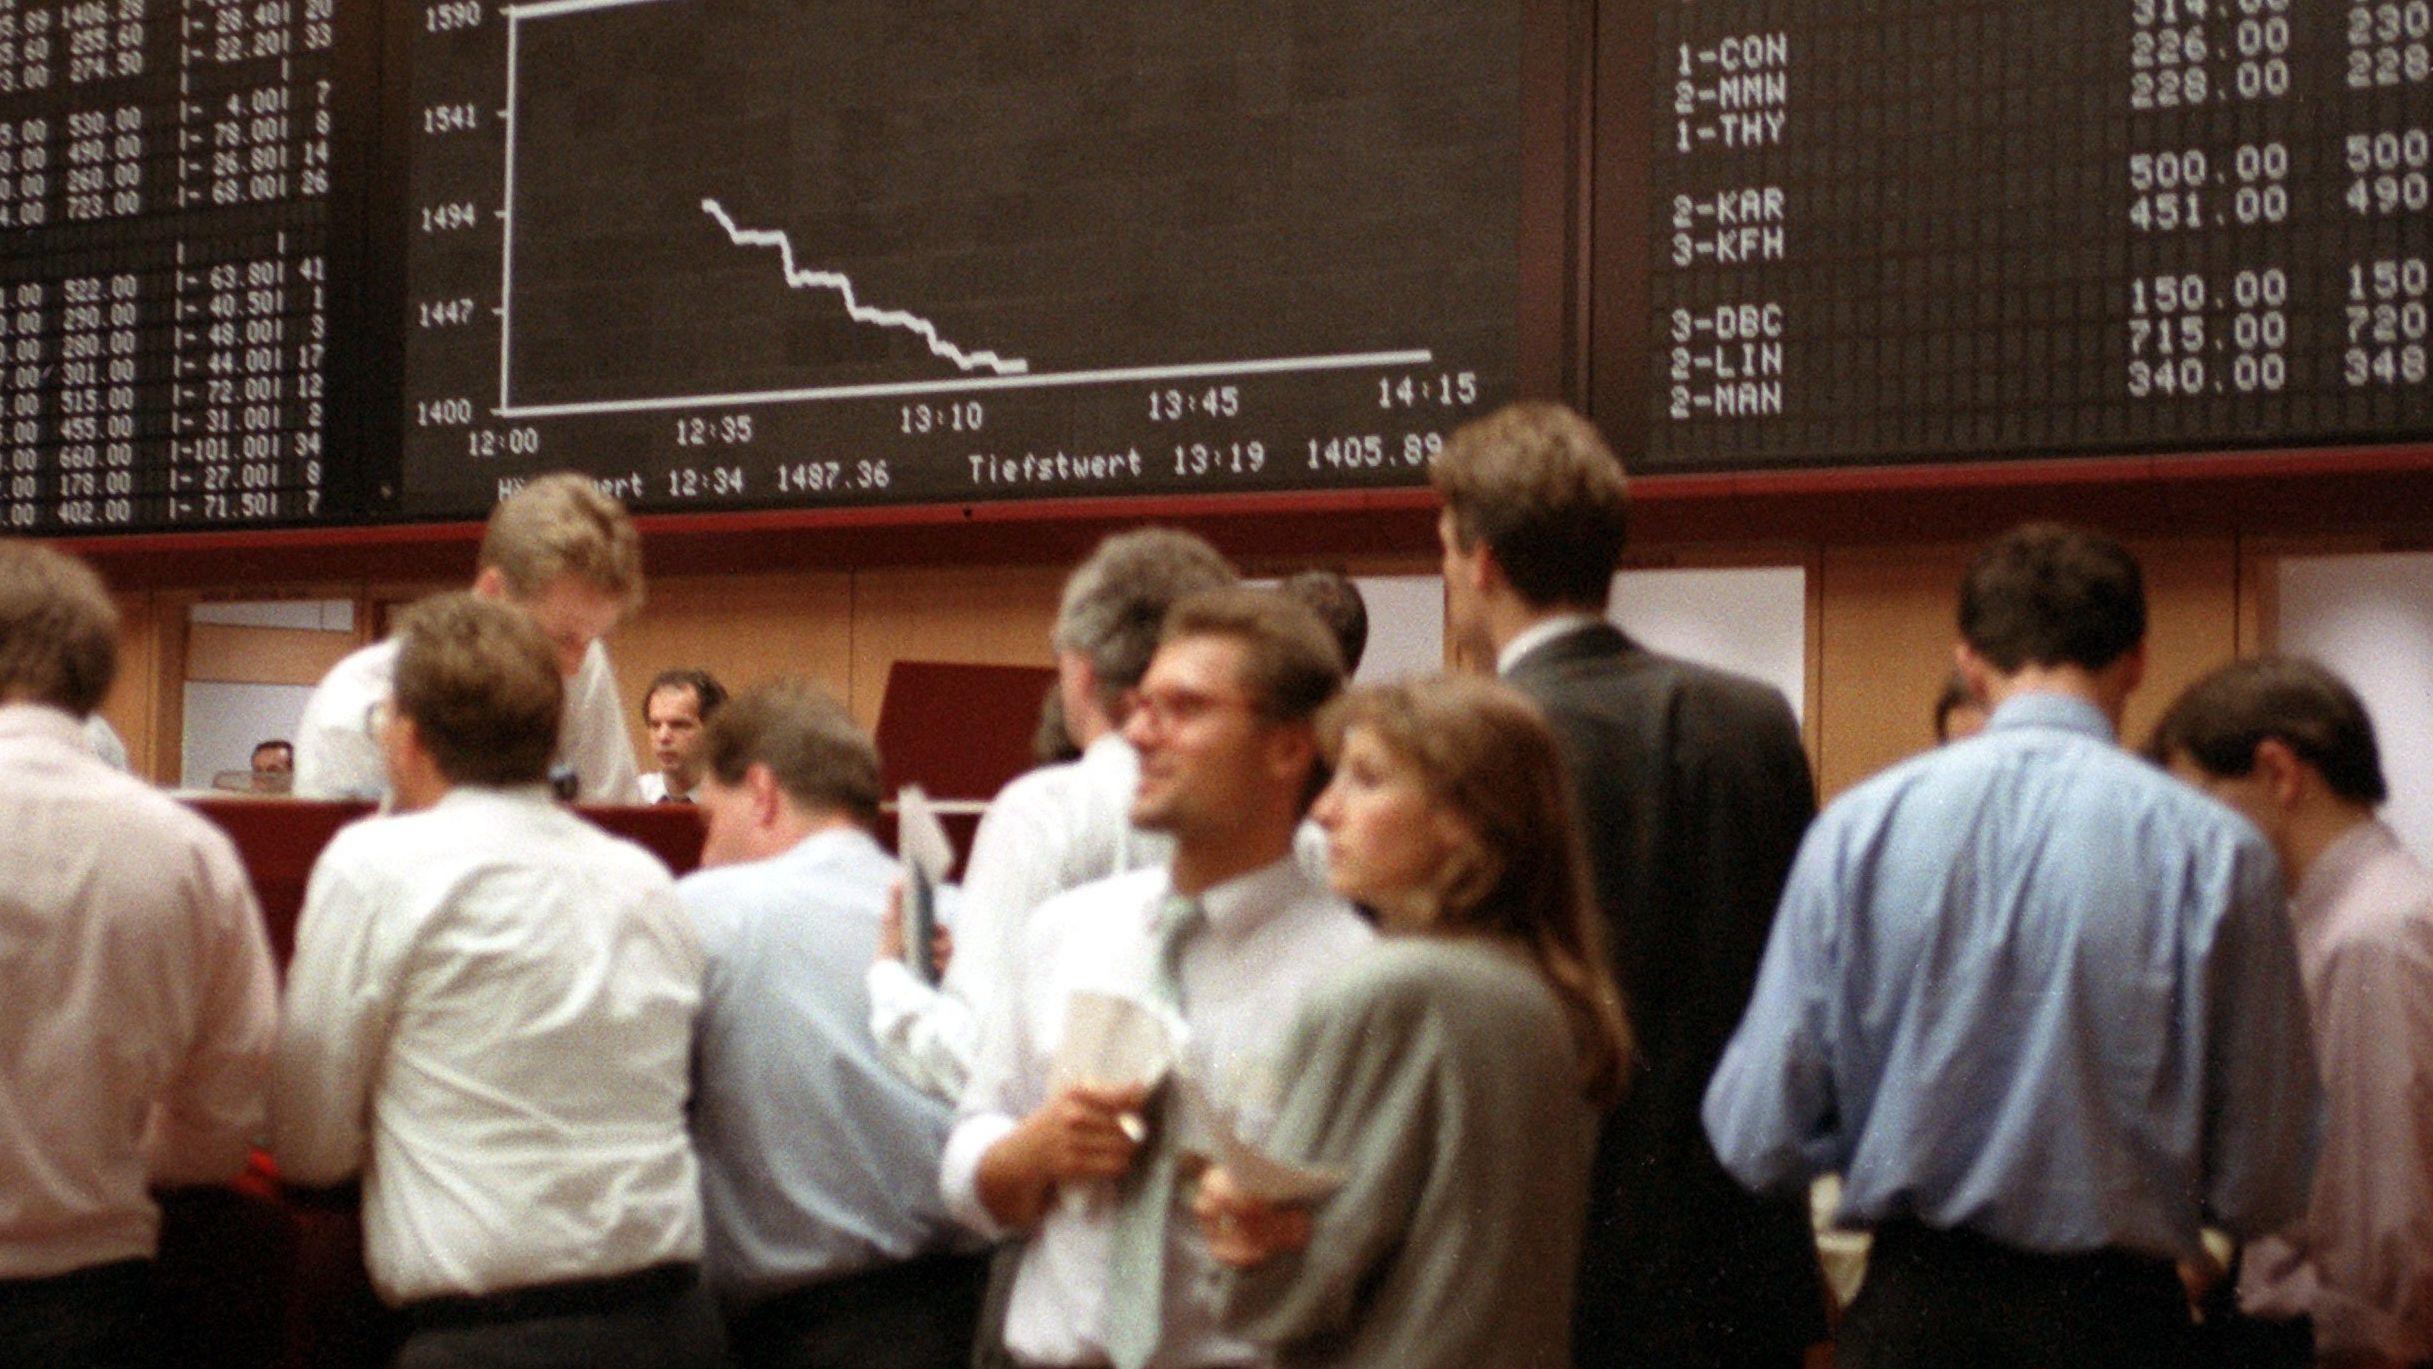 Am 16. 10. 1989 machte die Frankfurter Börse ihre bis dato größten Verluste - gut 13 Prozent.